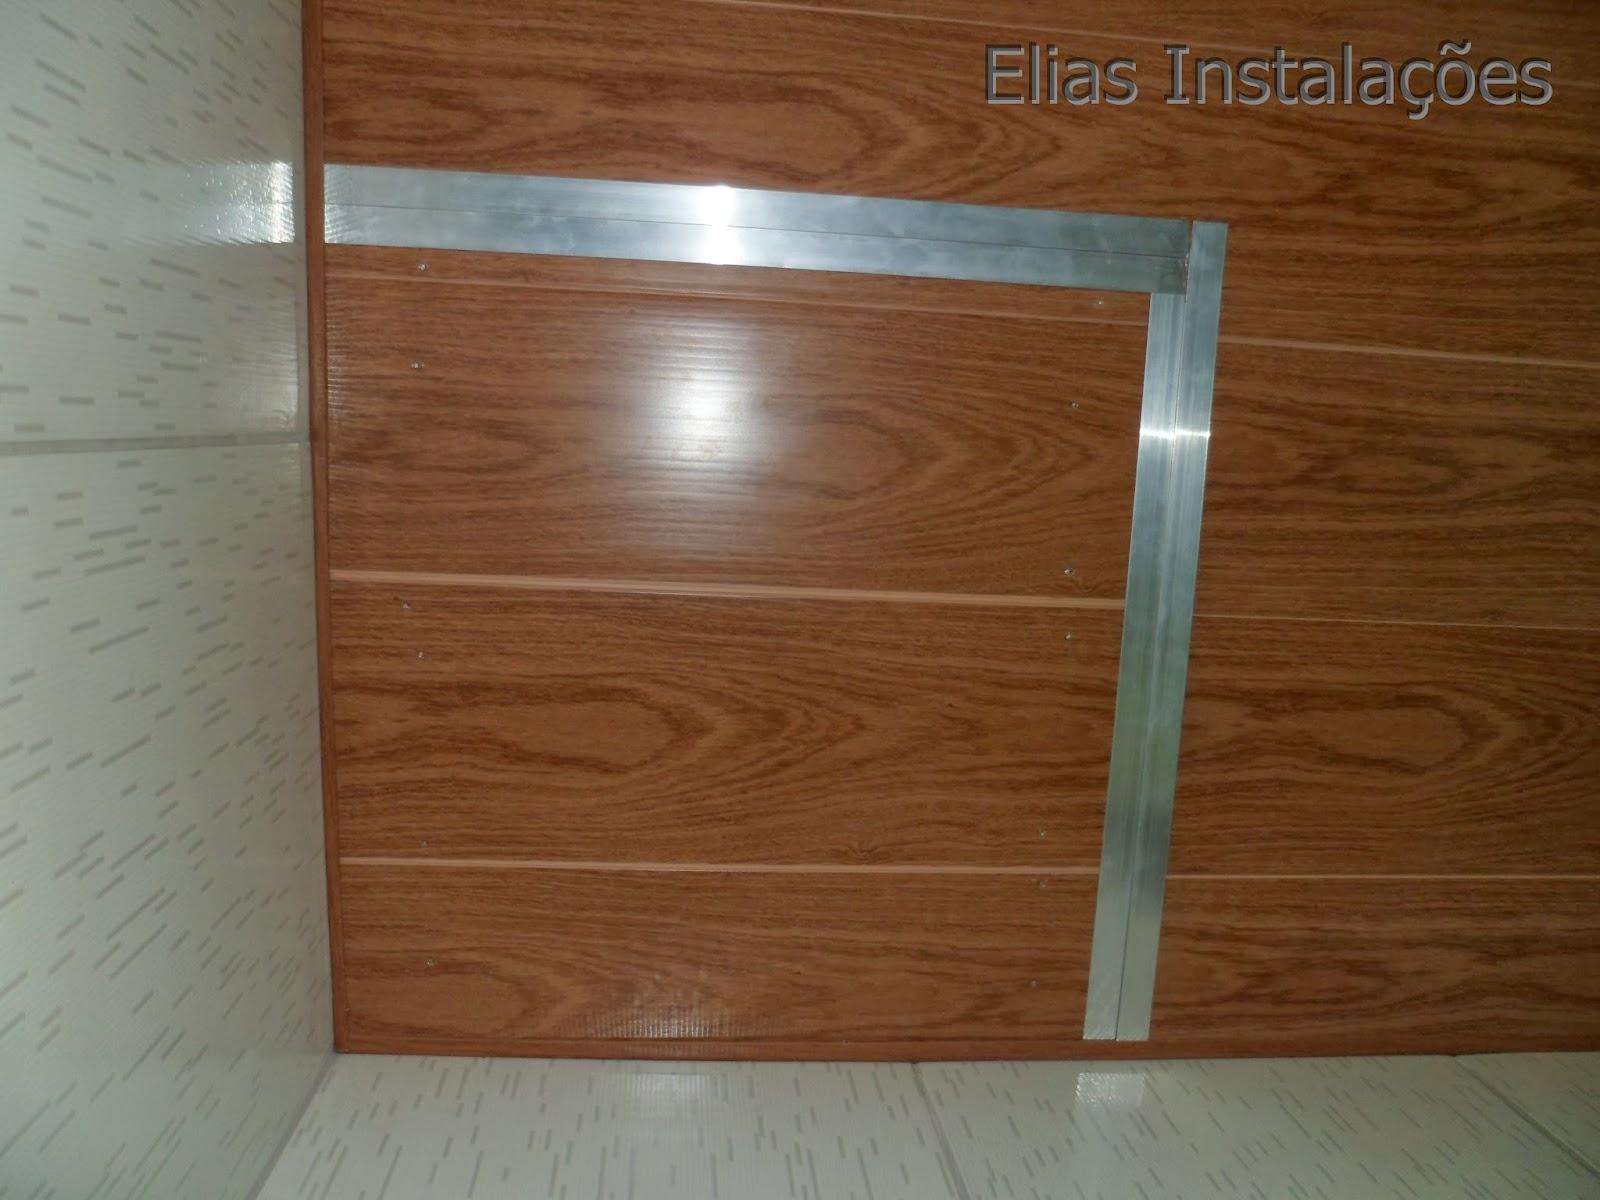 #4D2C10 Elias Instalador: Tampa/ Abertura no forro de pvc que imita madeira 1870 Janela De Aluminio Que Imita Madeira